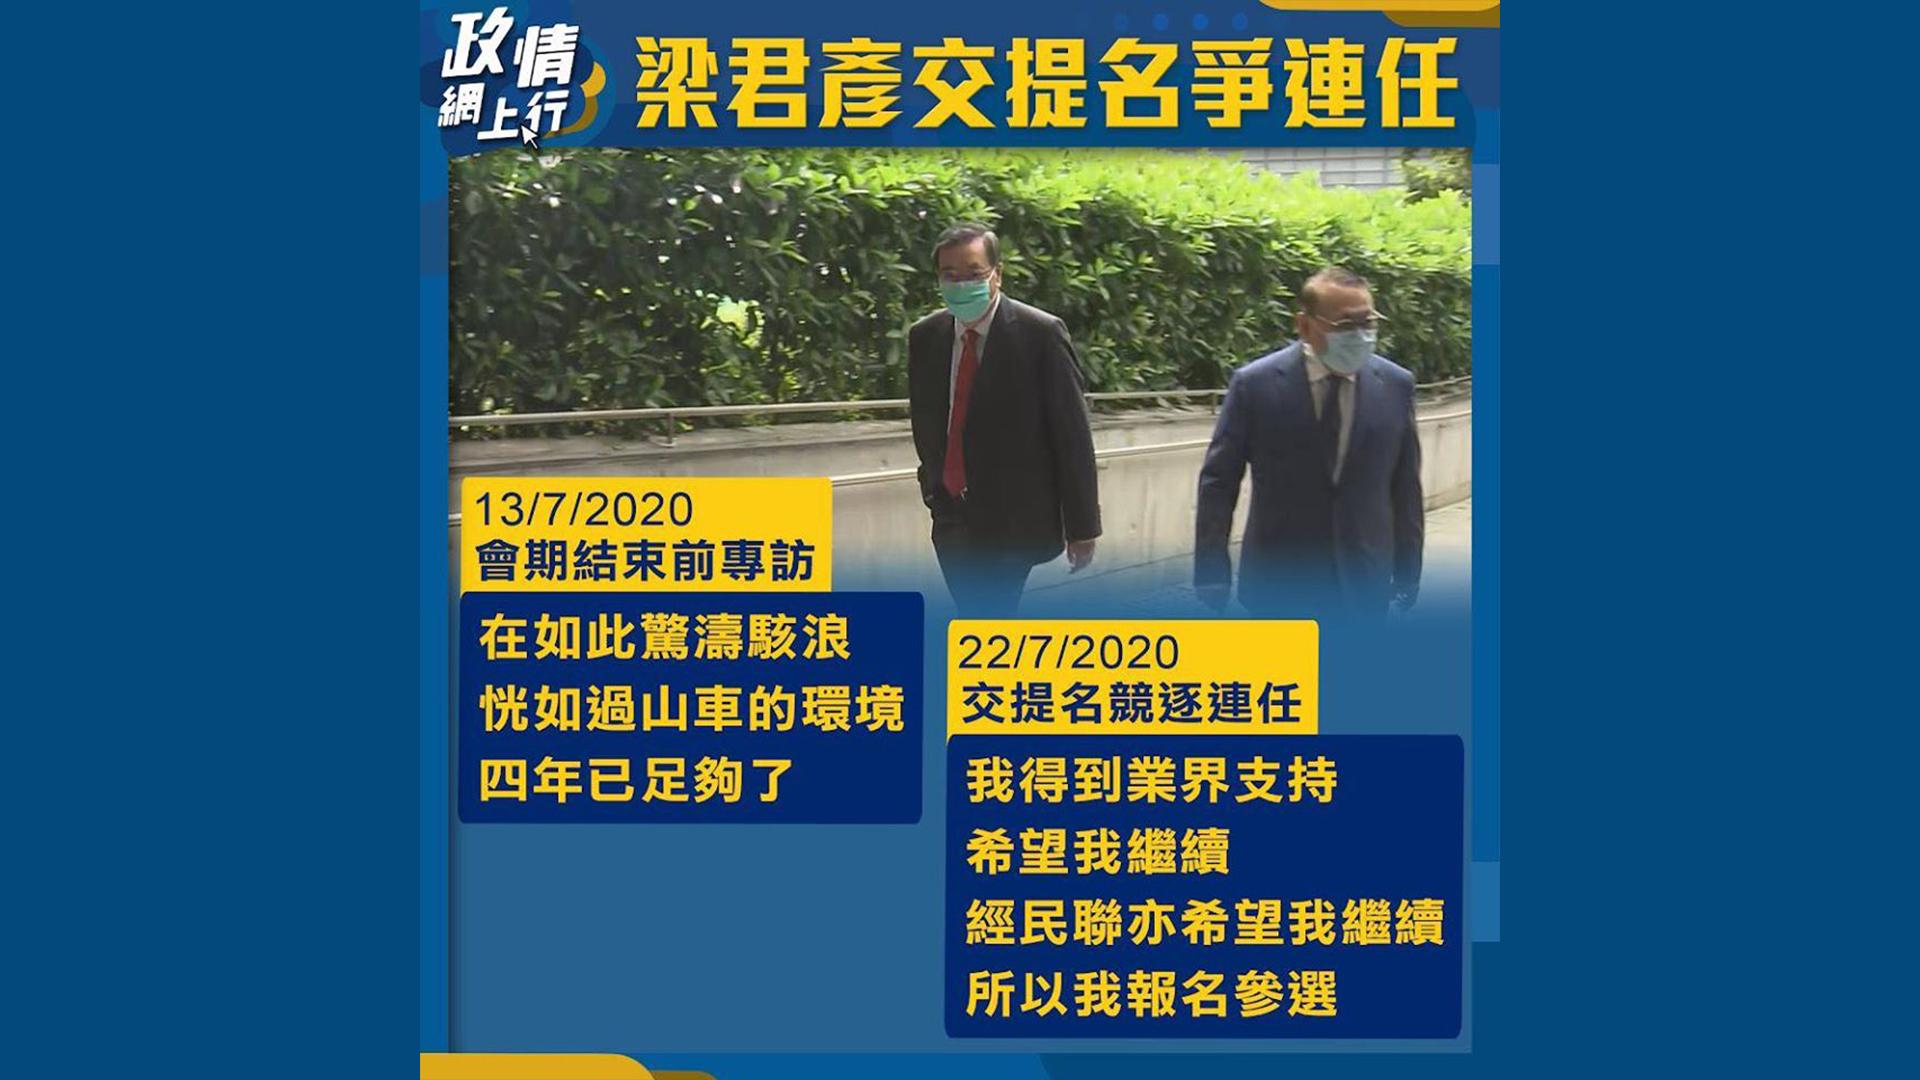 【政情網上行】梁君彥交提名爭連任